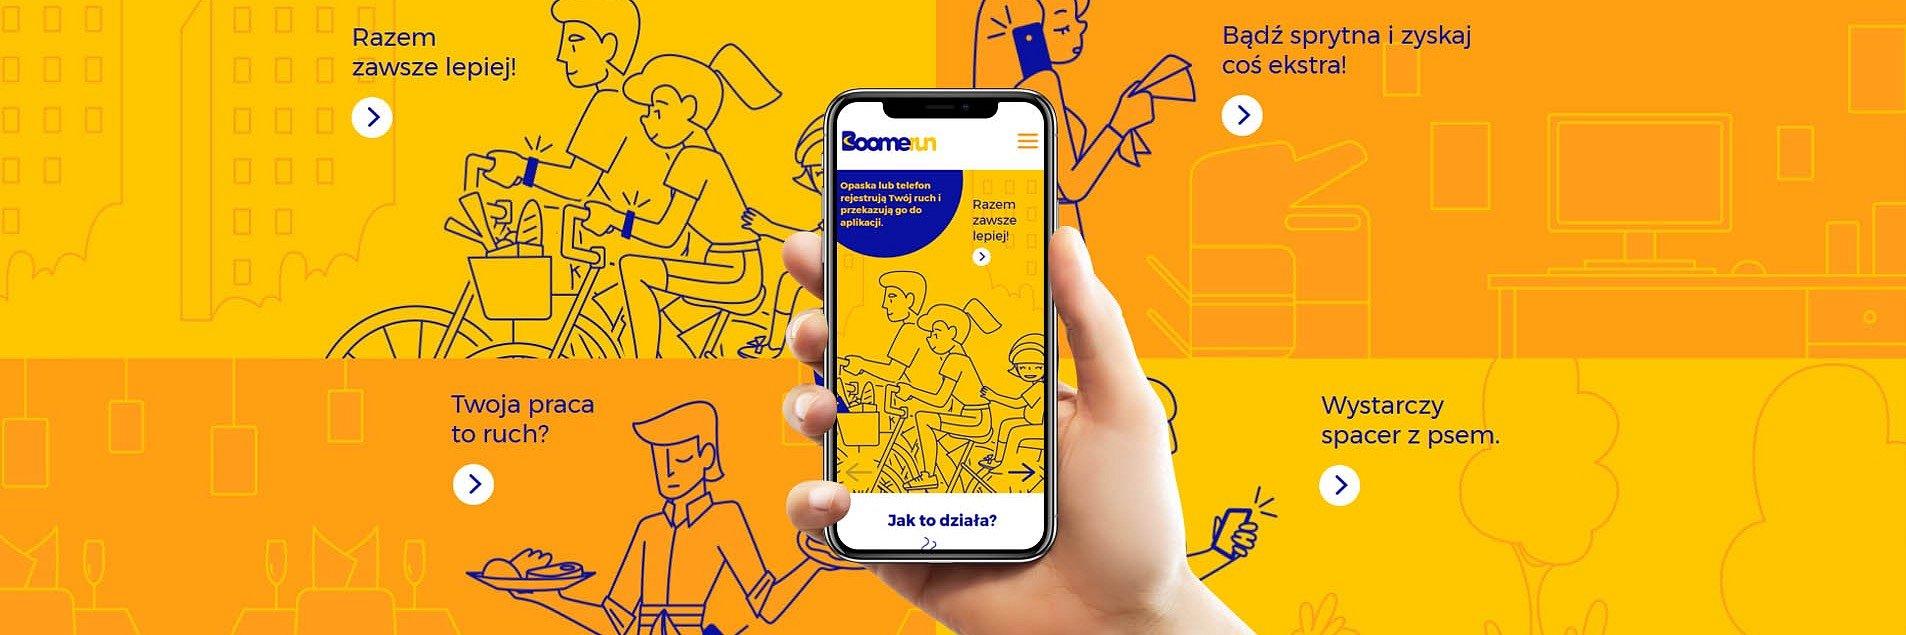 Boomerun - coś ekstra dla aktywnych